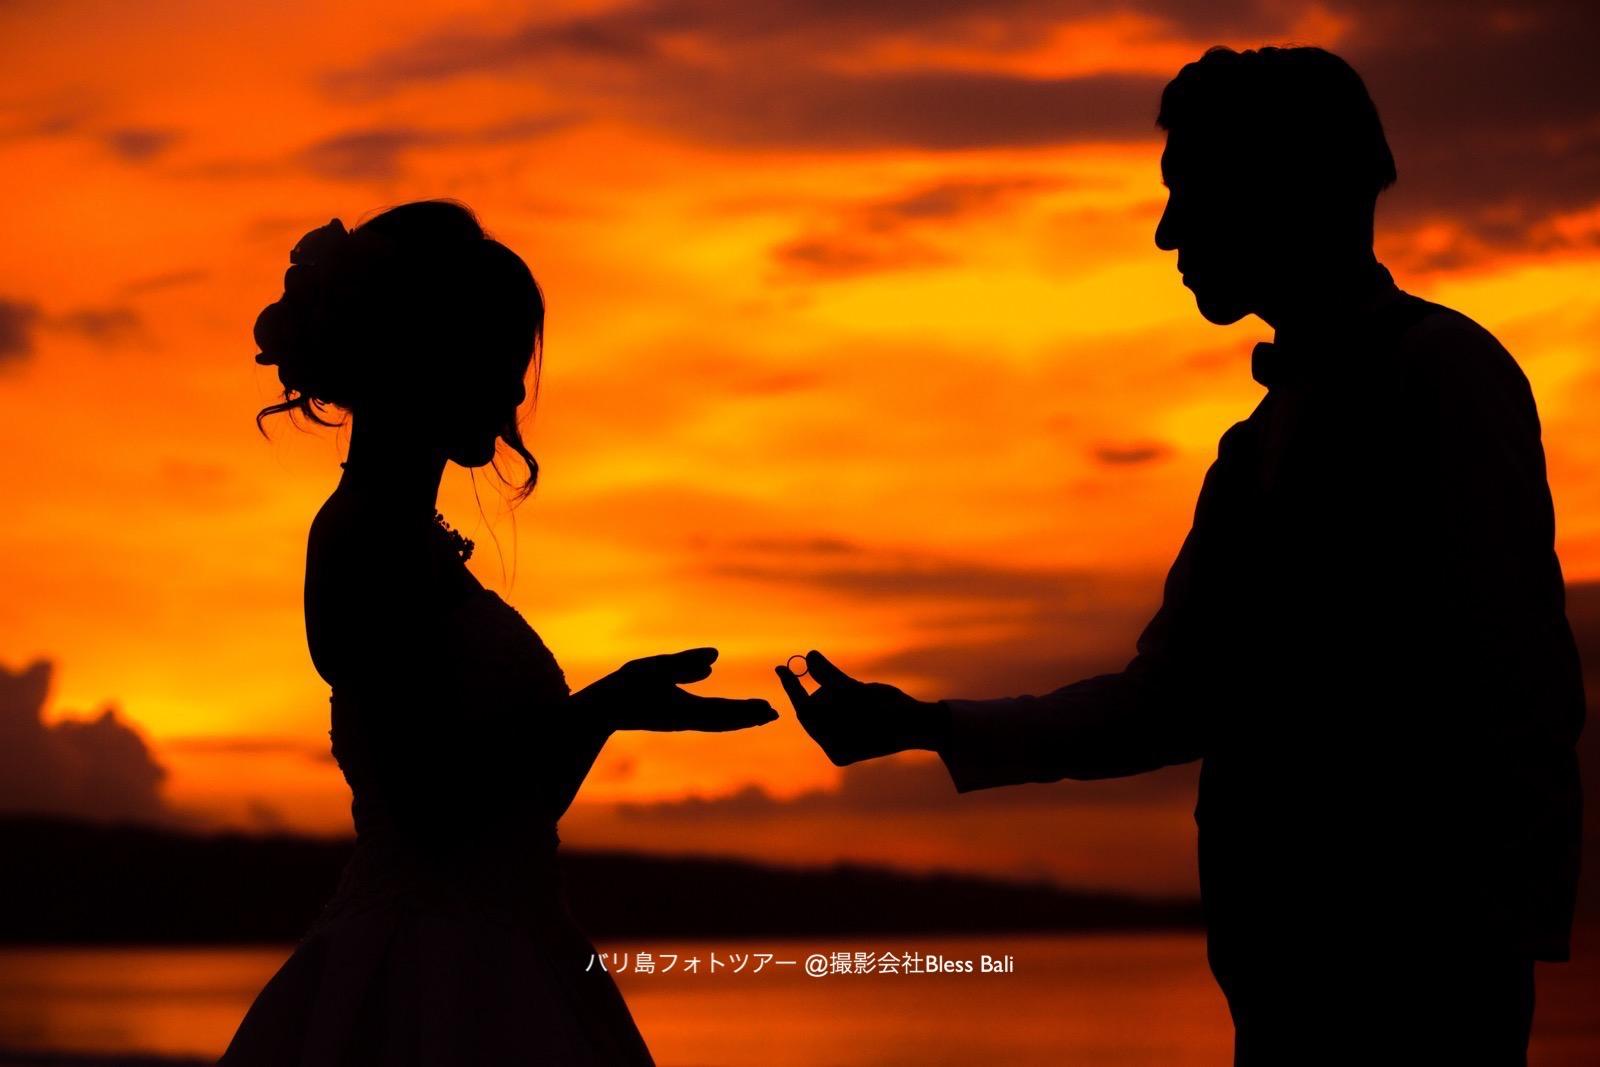 サンセットフォト 結婚指輪を渡す新郎様